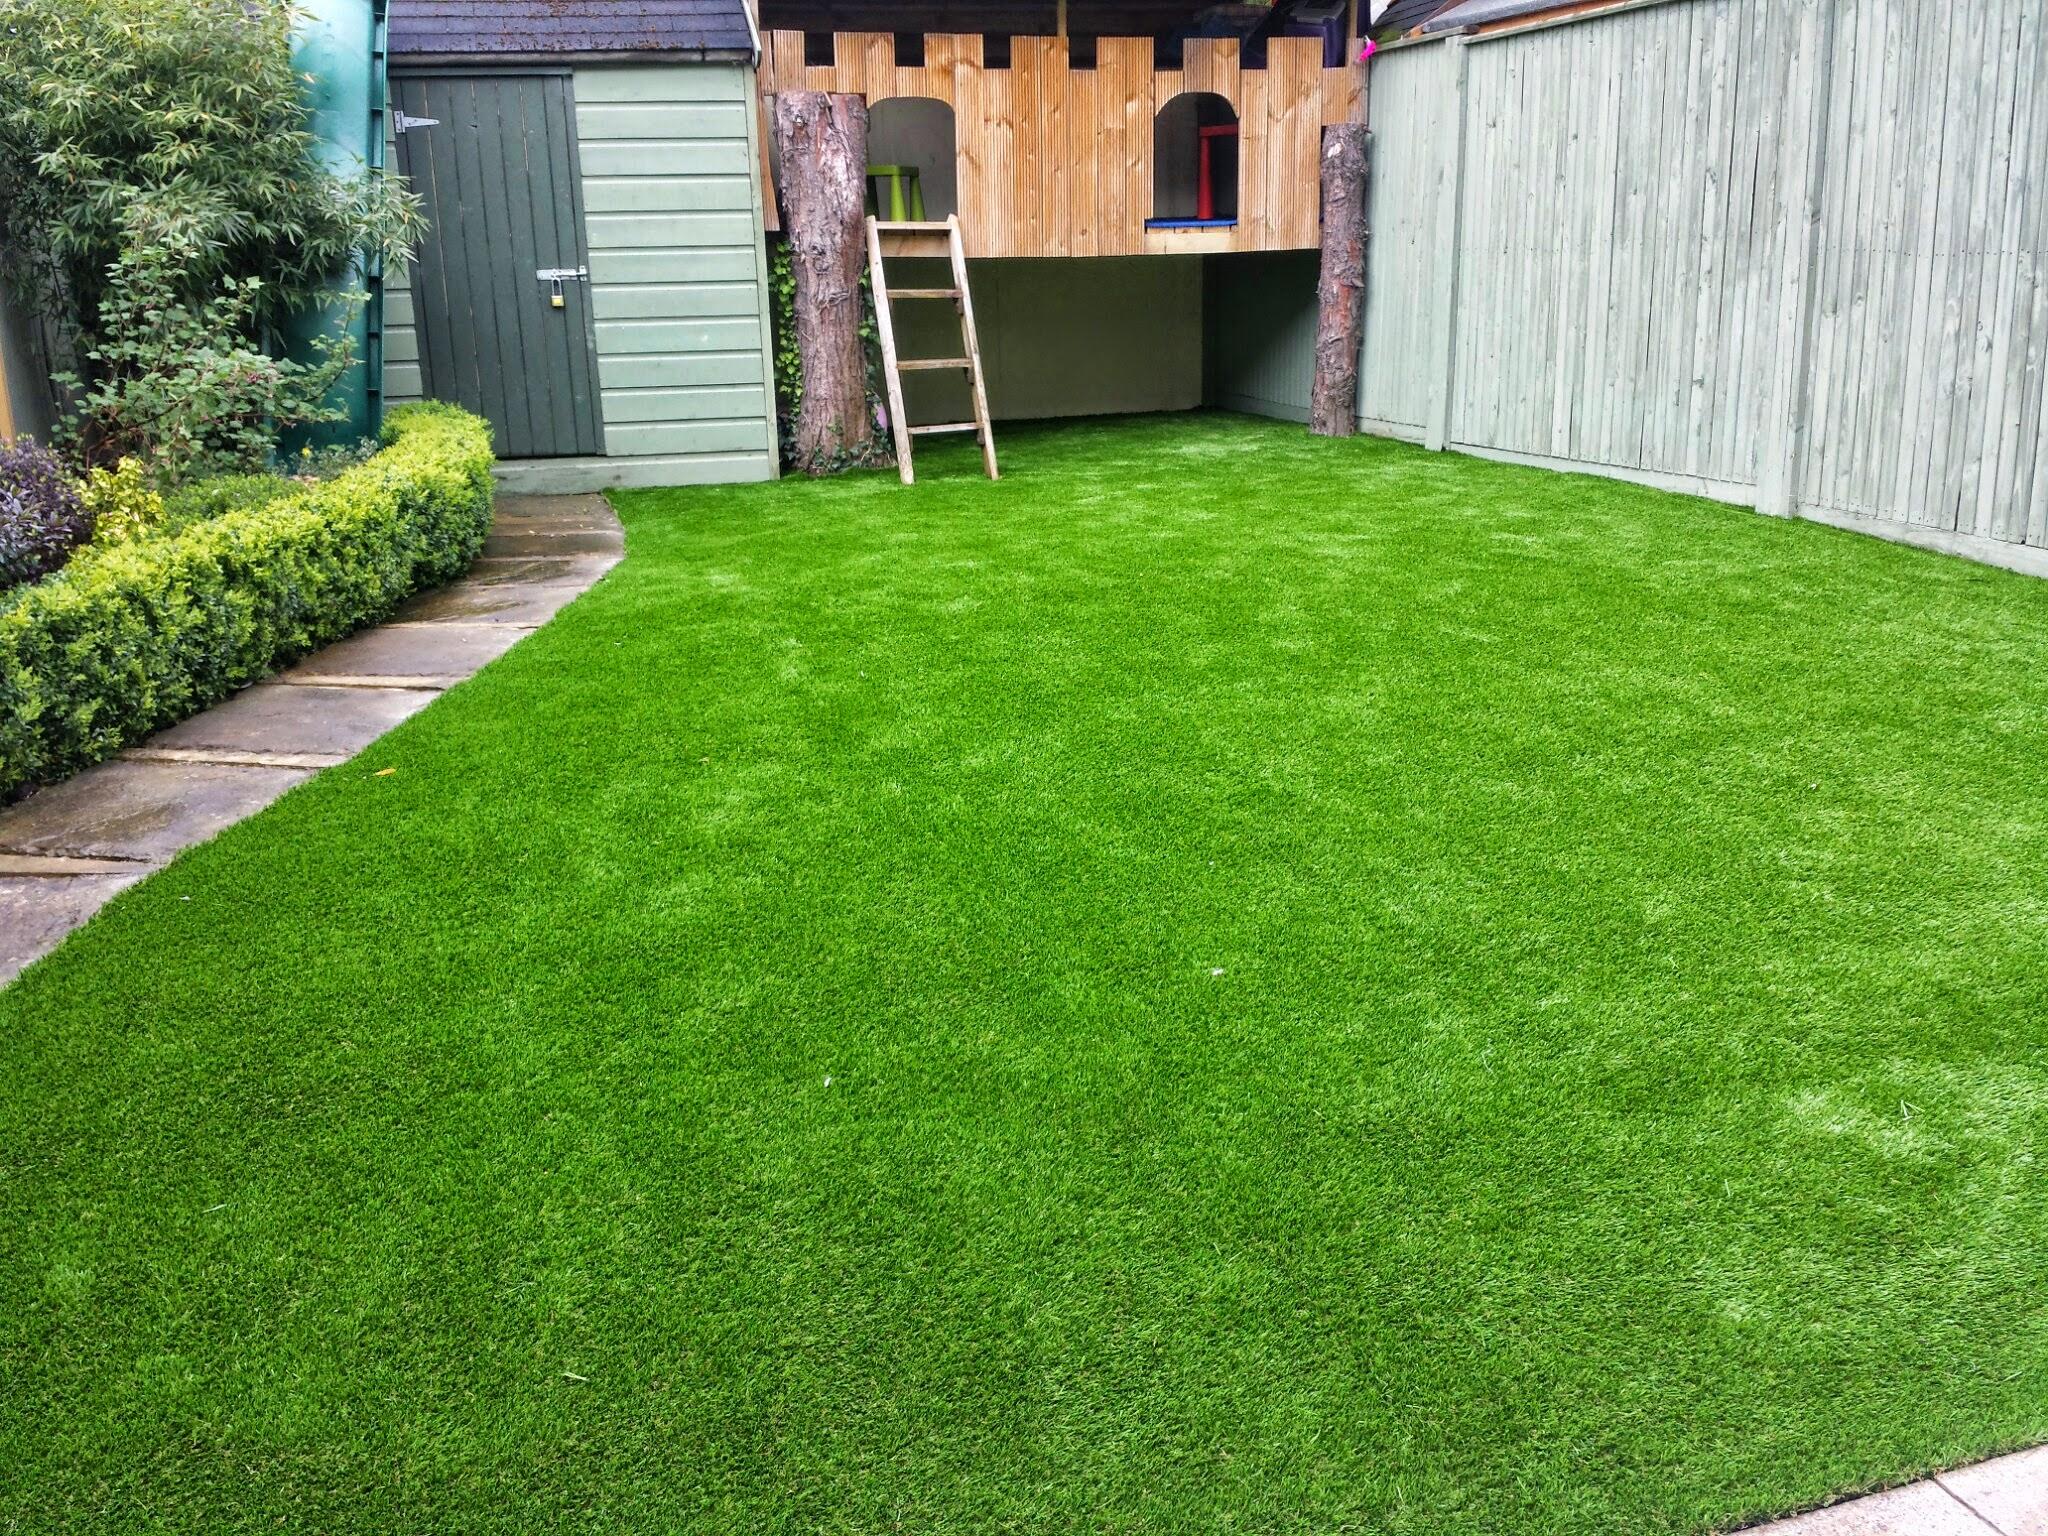 Green TigerTurf Lawn